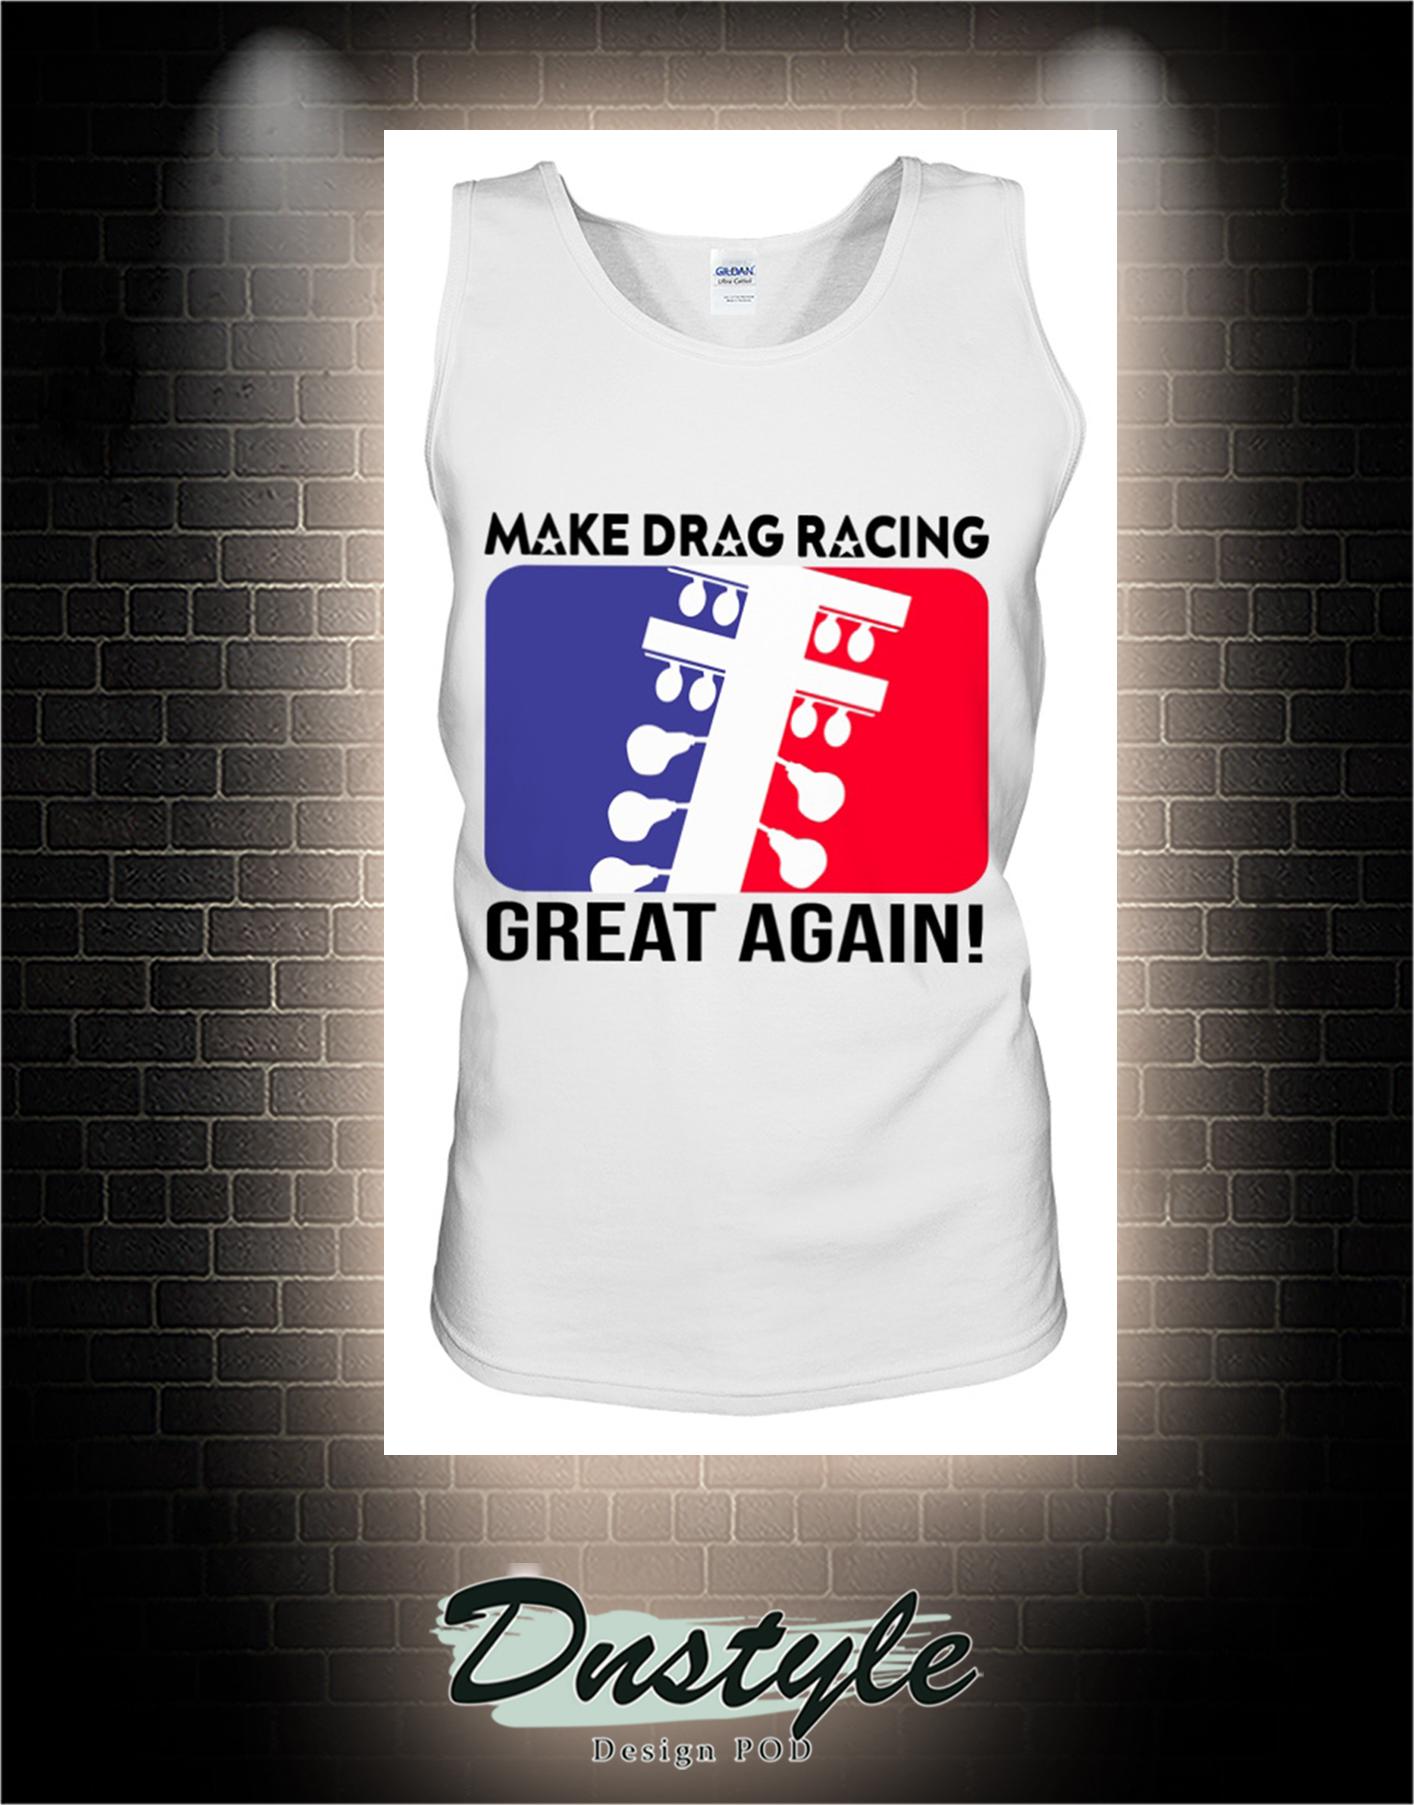 Make drag racing great again tank